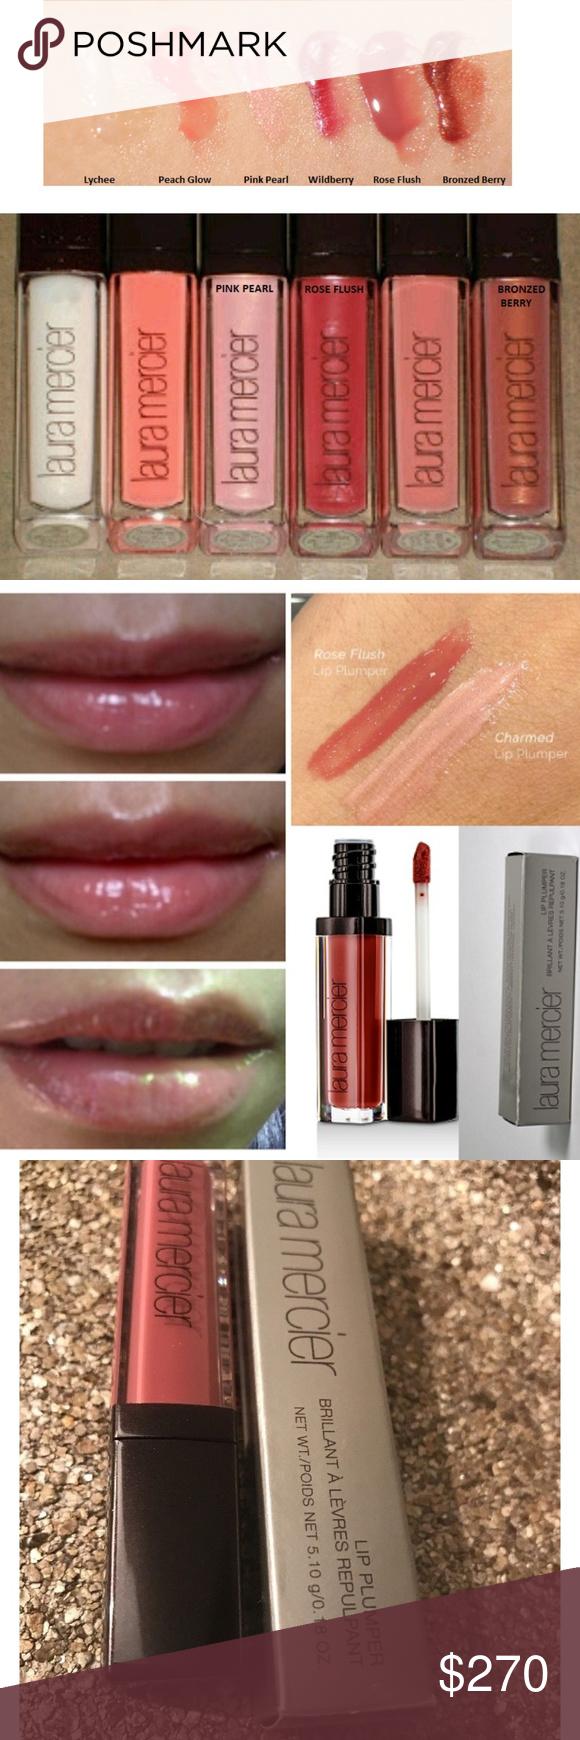 18pc Lot Laura Mercier Lip Plumper Gloss 3 Colors Lip Moisturizer Laura Mercier Plumping Lip Gloss